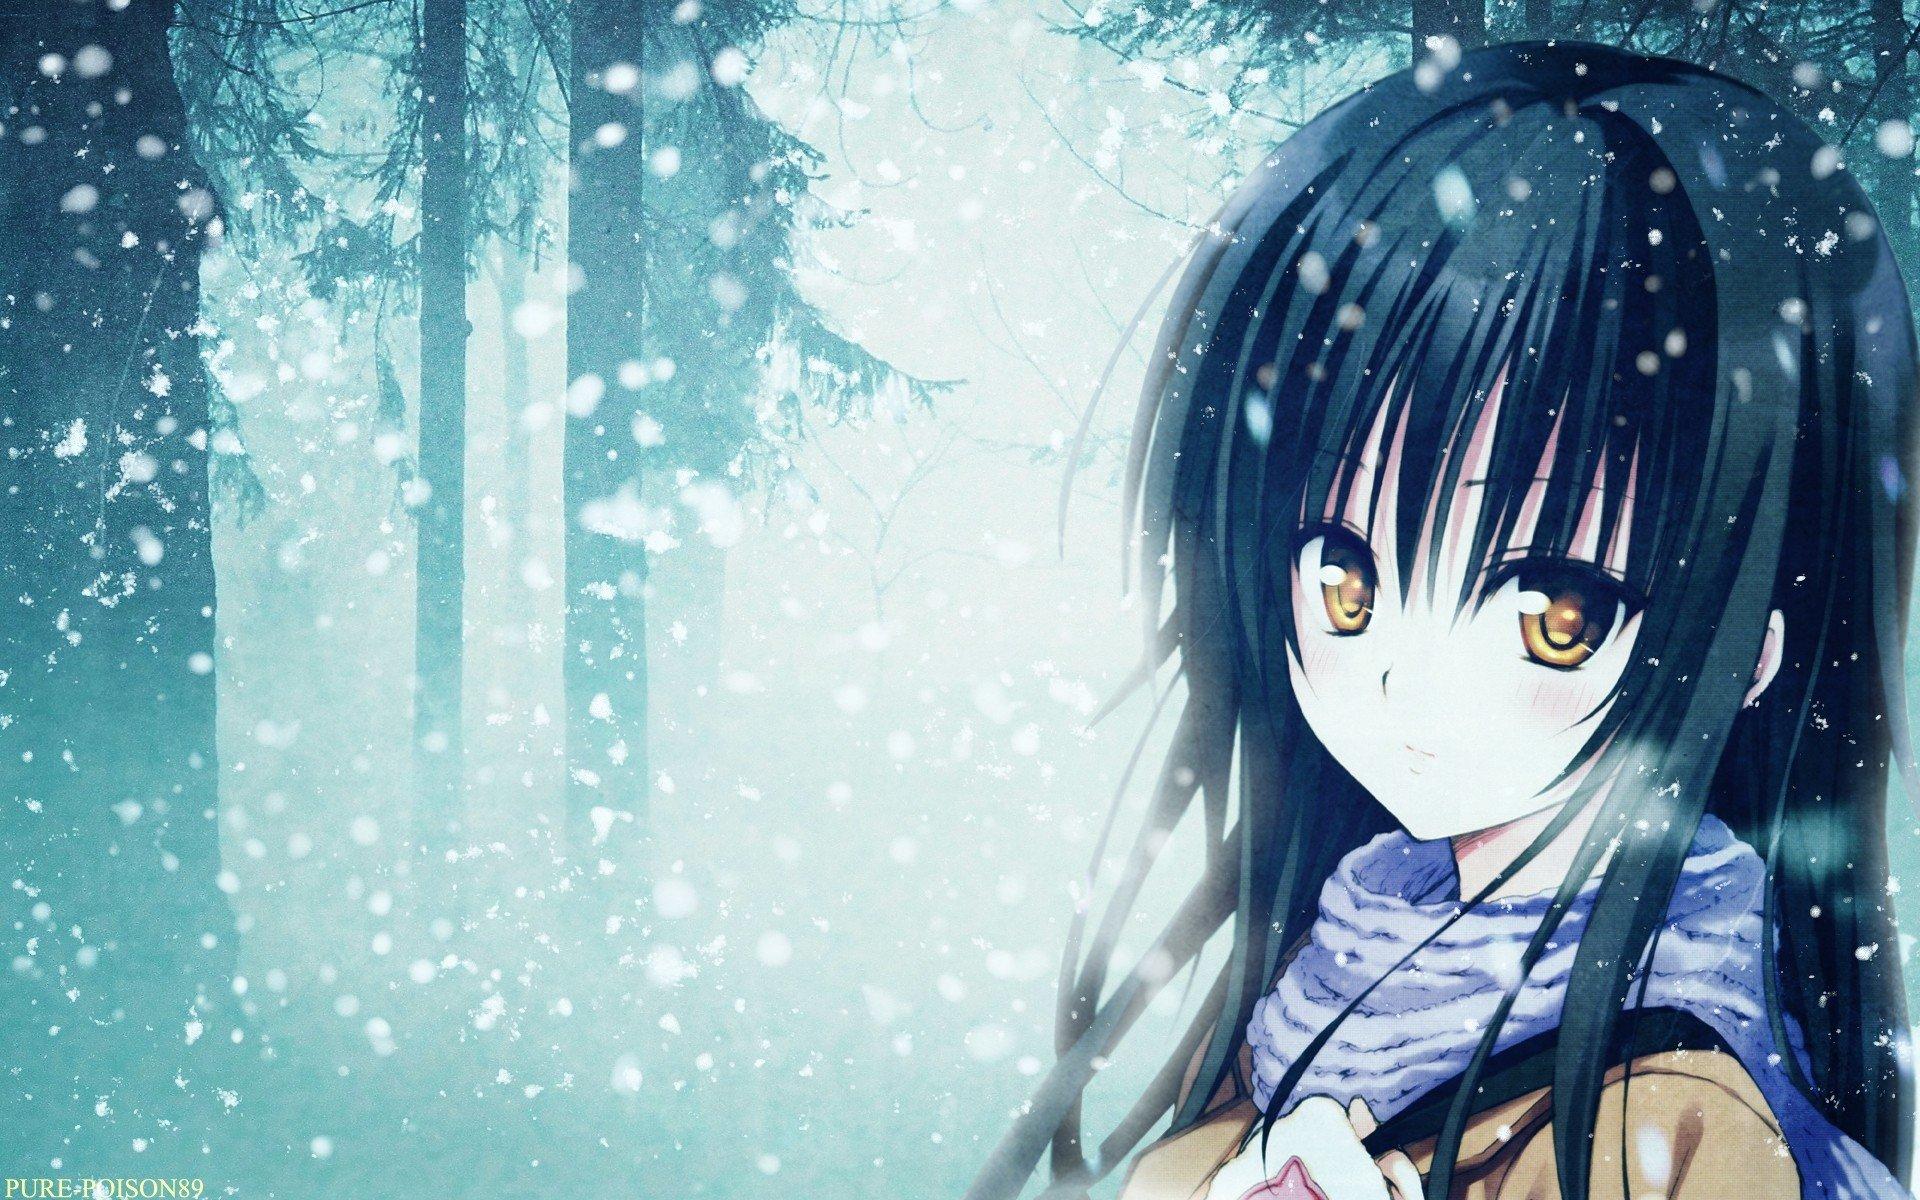 Anime Anime Girls To Love Ru Kotegawa Yui Hd Wallpapers